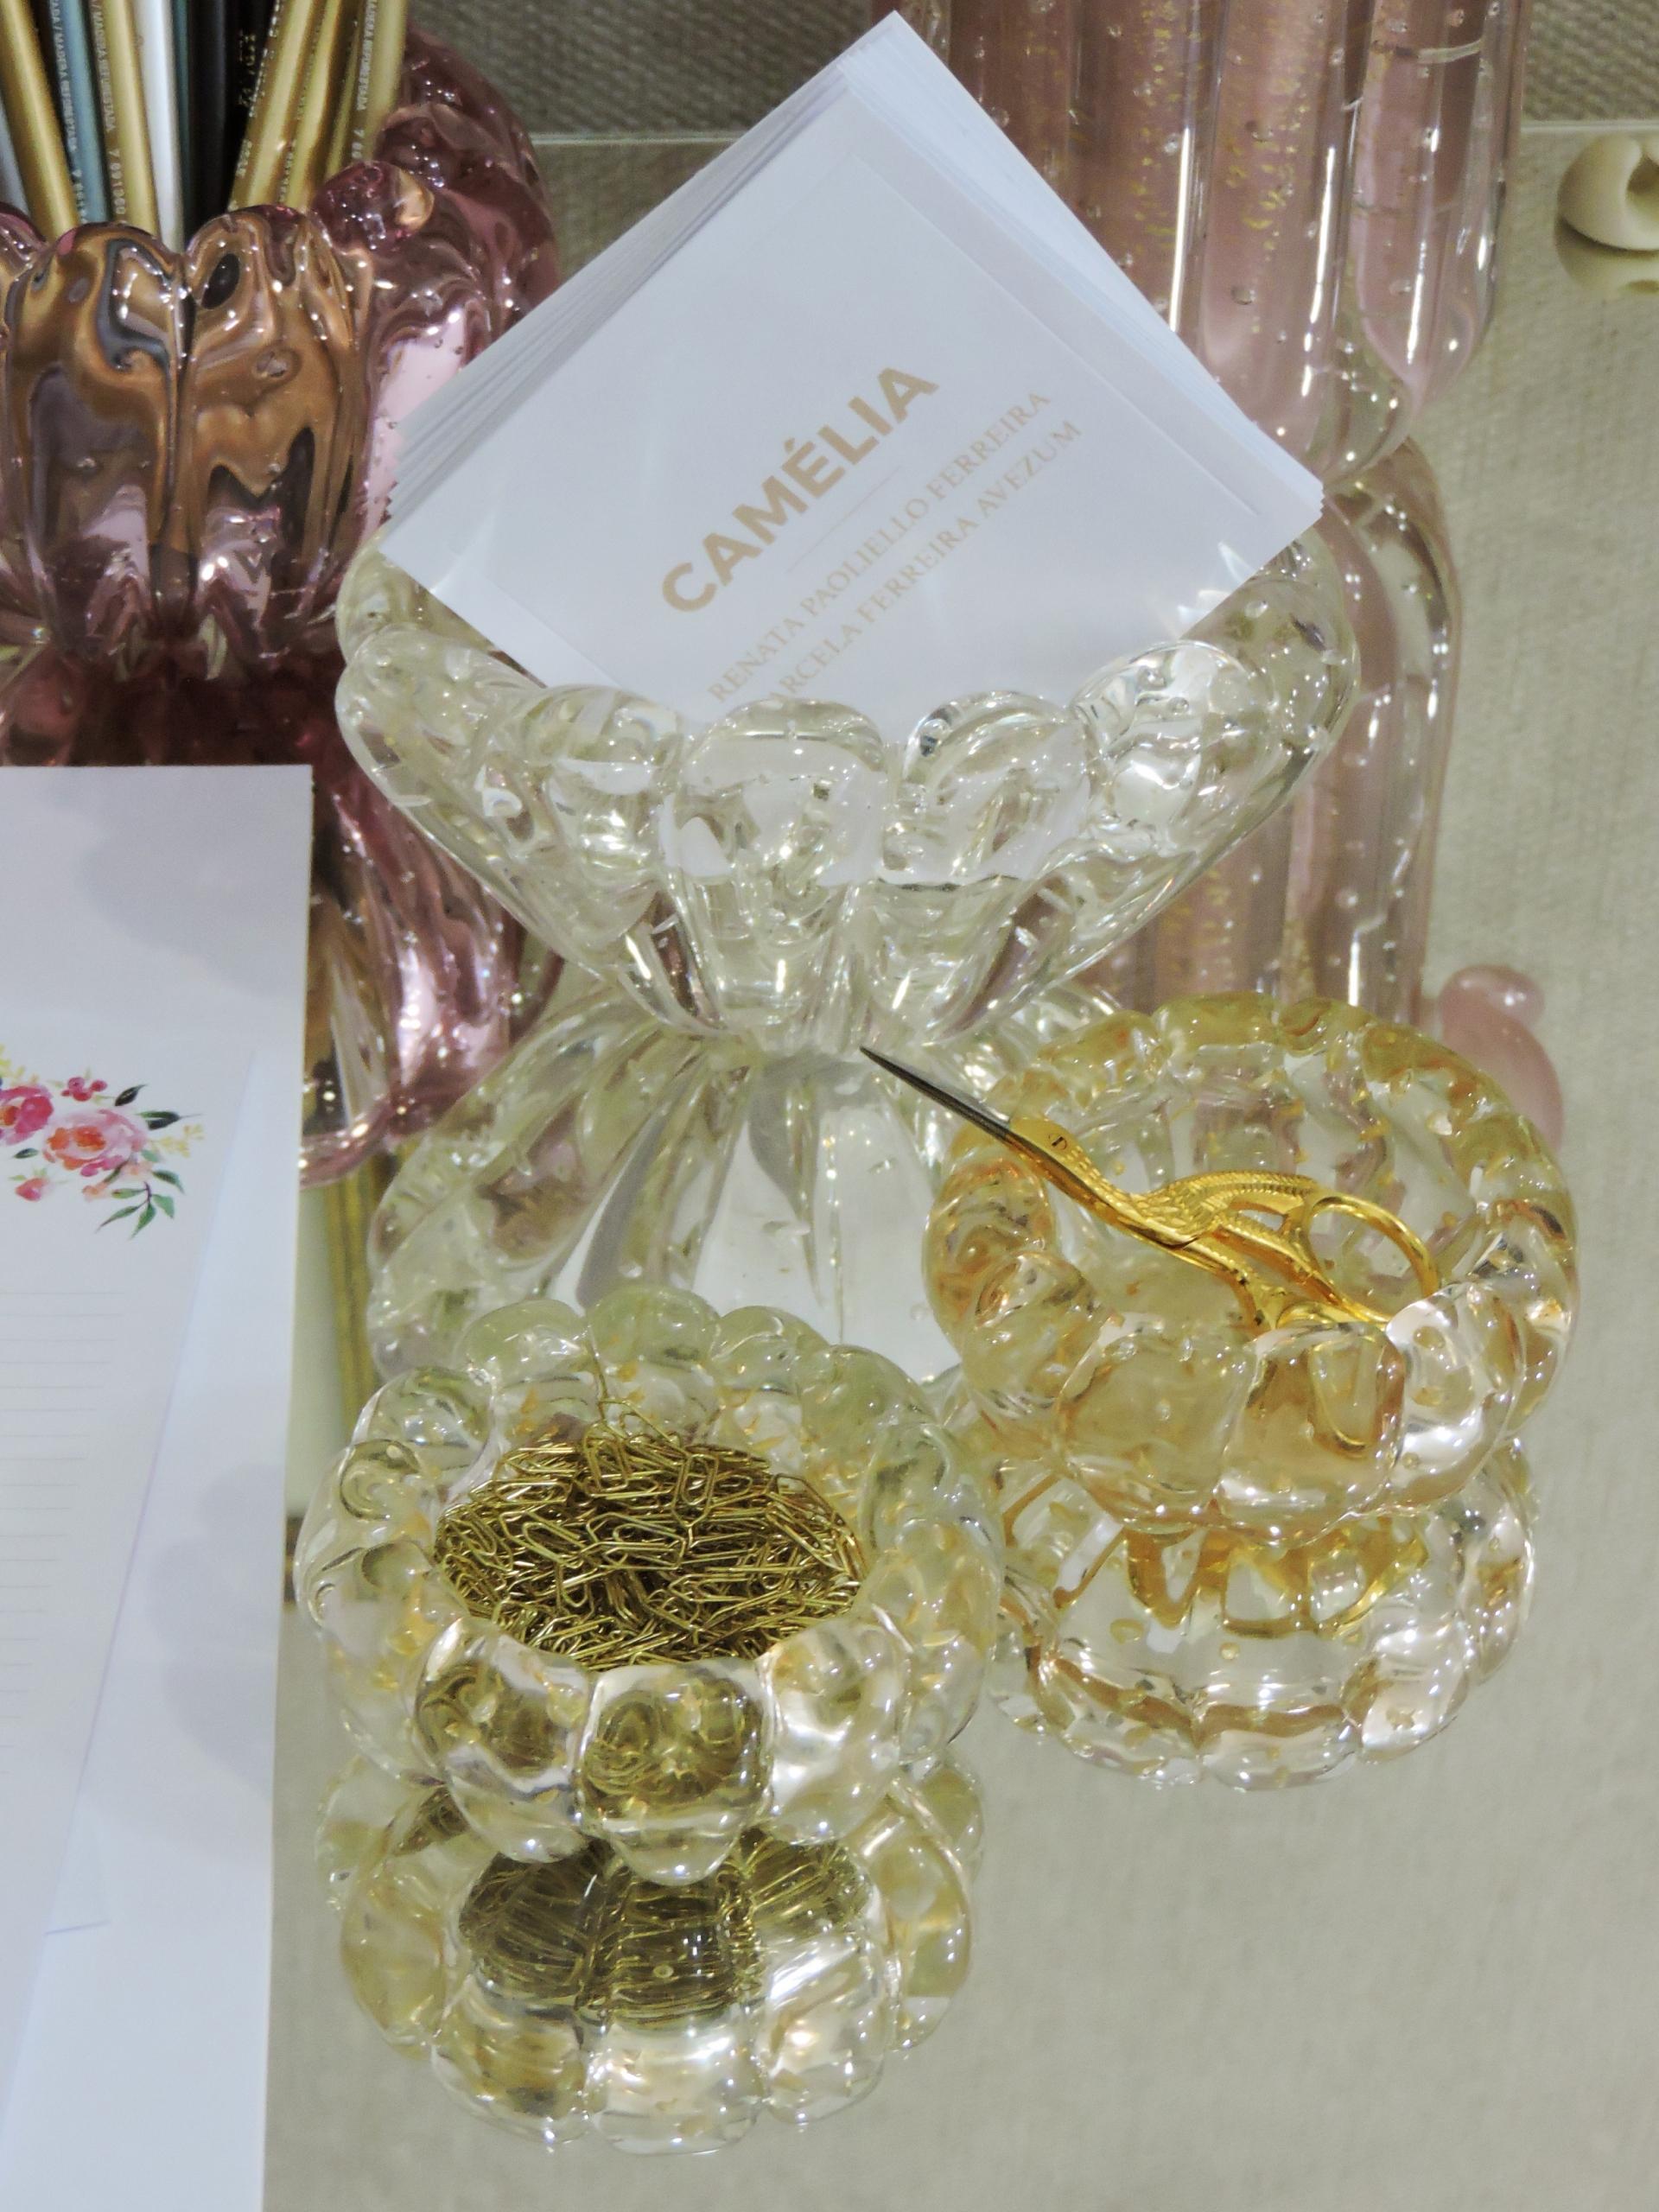 Micro centro murano canelado champagne com ouro